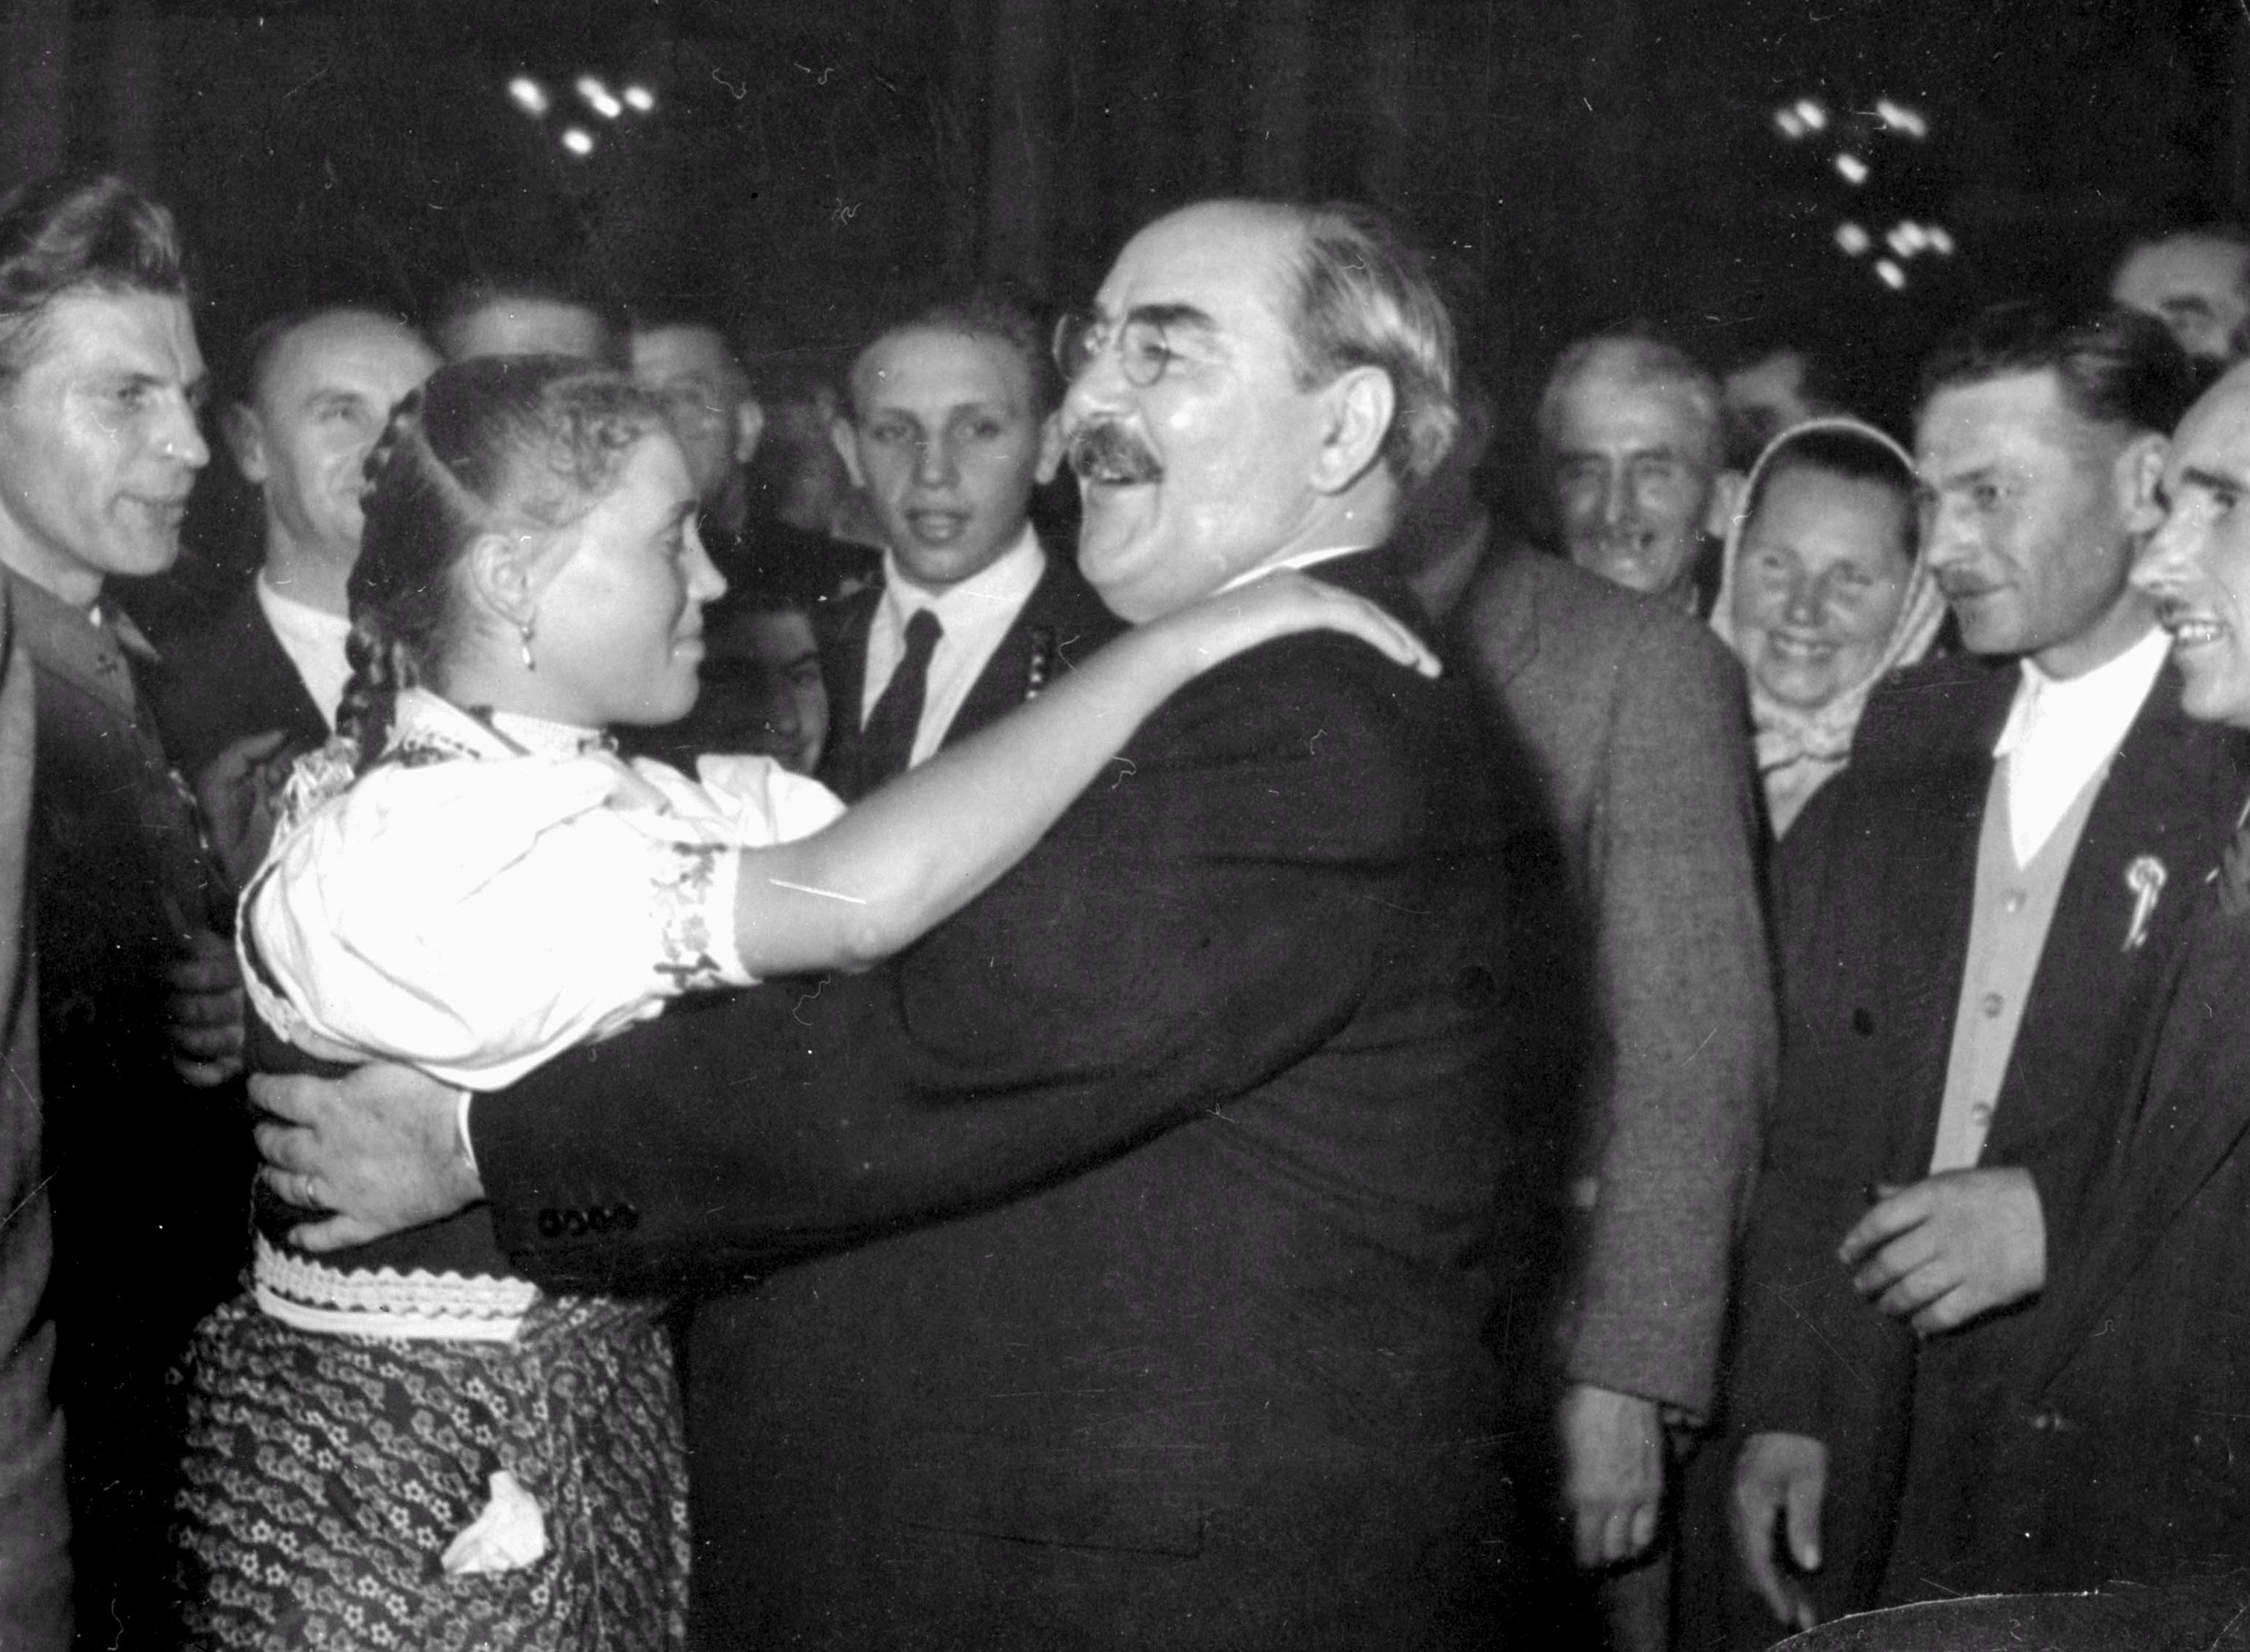 Nagy Imre, a Minisztertanács elnöke egy népviseletbe öltözött fiatal nõvel táncol, 1954 / Fotó: MT